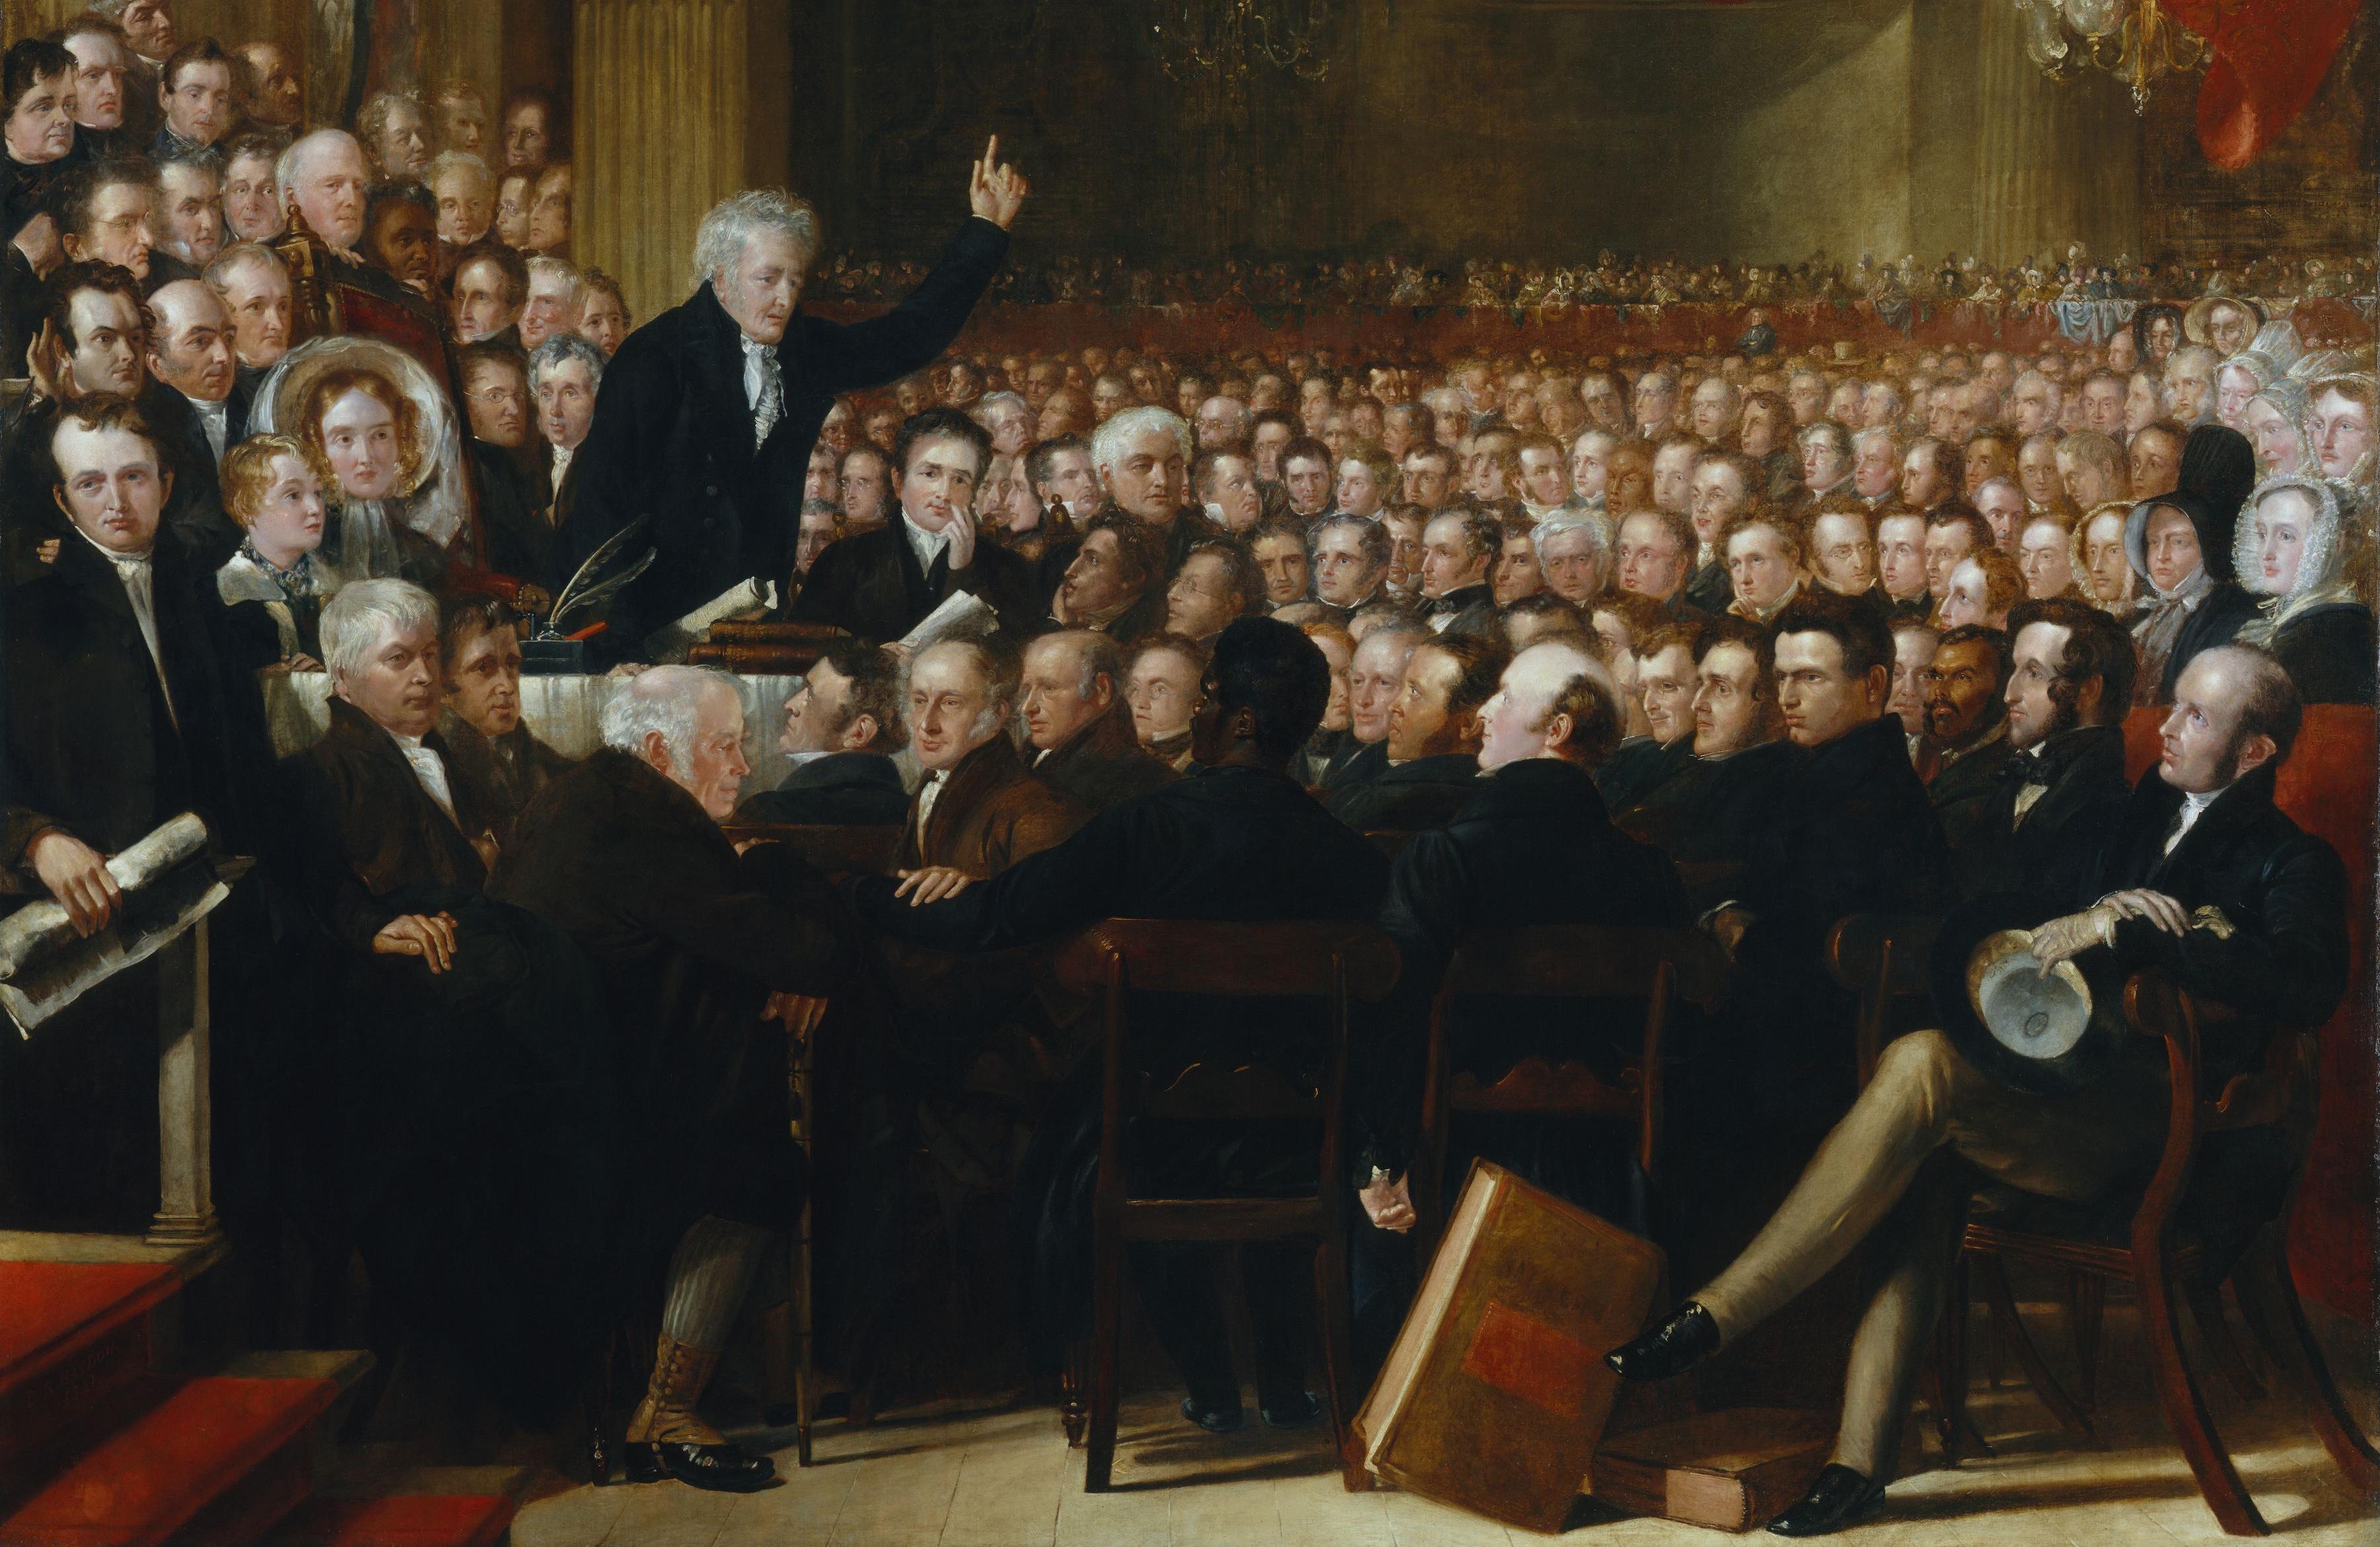 Principles of Liberalism